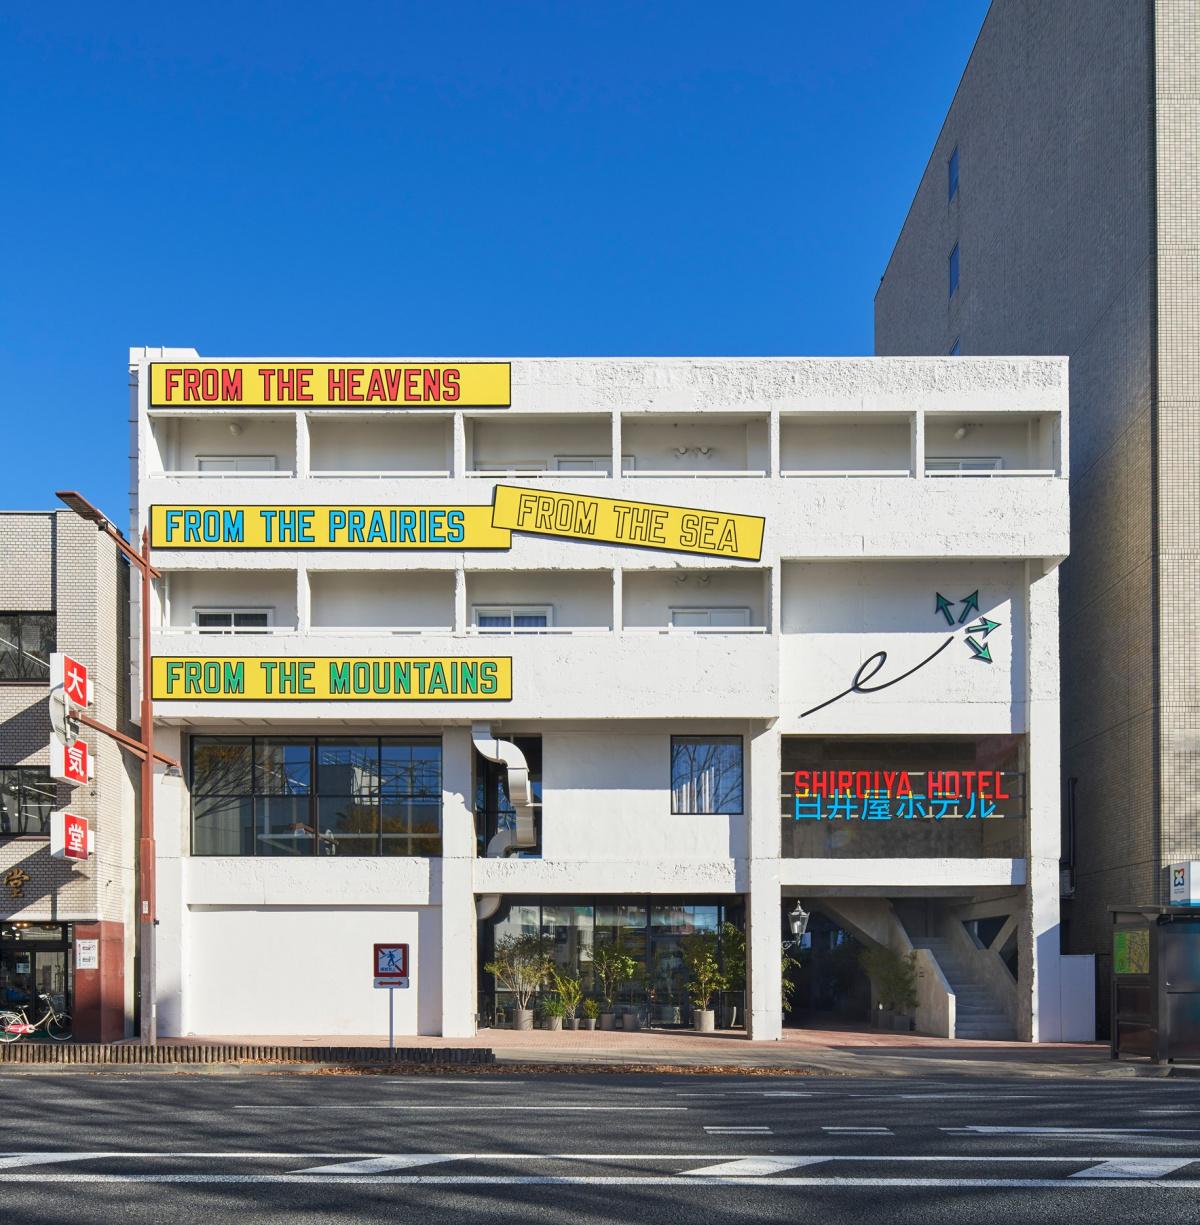 ジンズ創業者・田中仁さん、建築家・藤本壮介さんが語った「白井屋ホテルができるまで」。